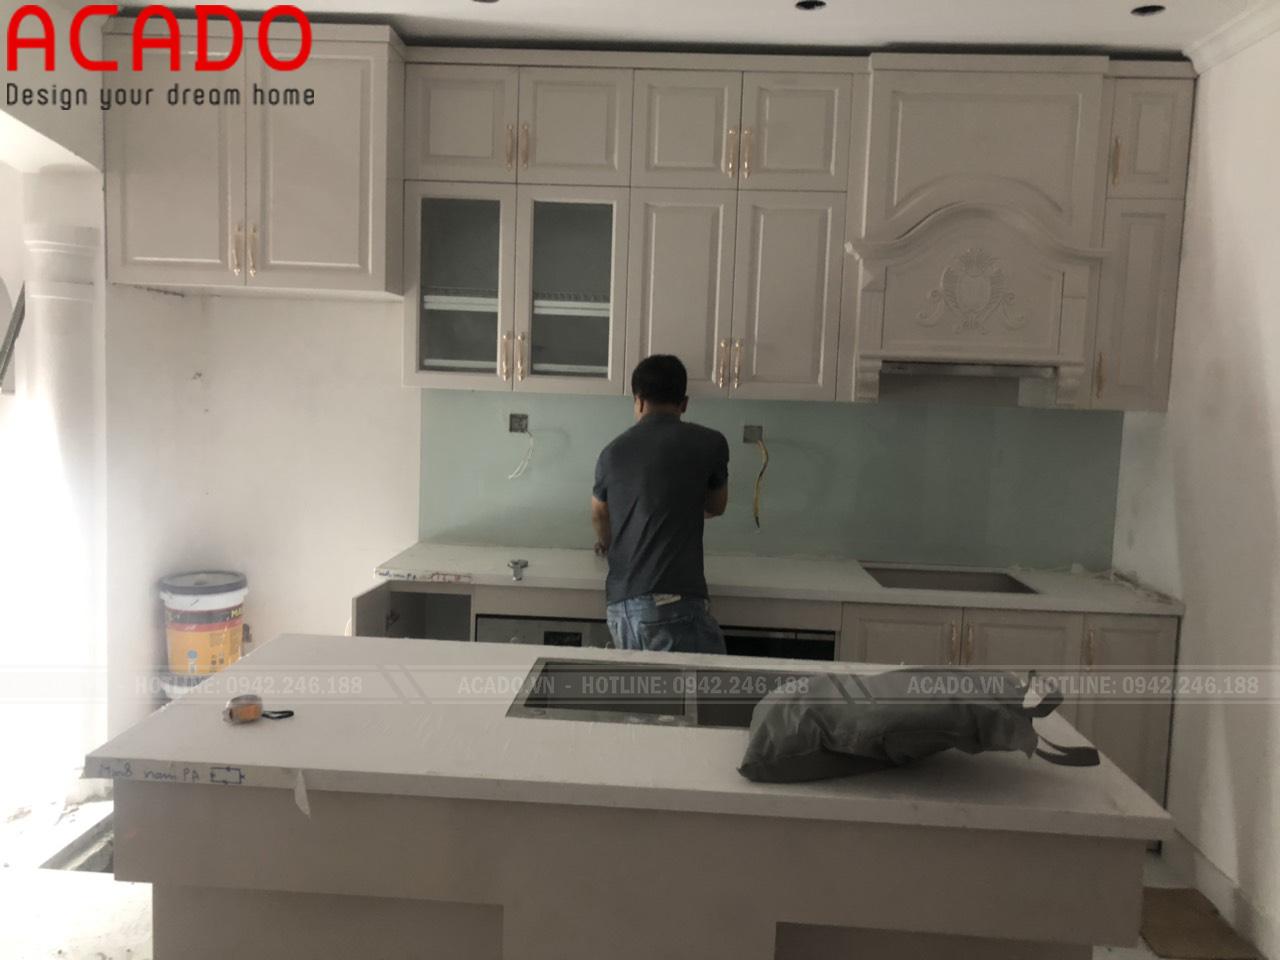 Hoàn thành thi công và bàn giao cho gia đình chị Phương - Thi công tủ bếp tại Kim Ngưu